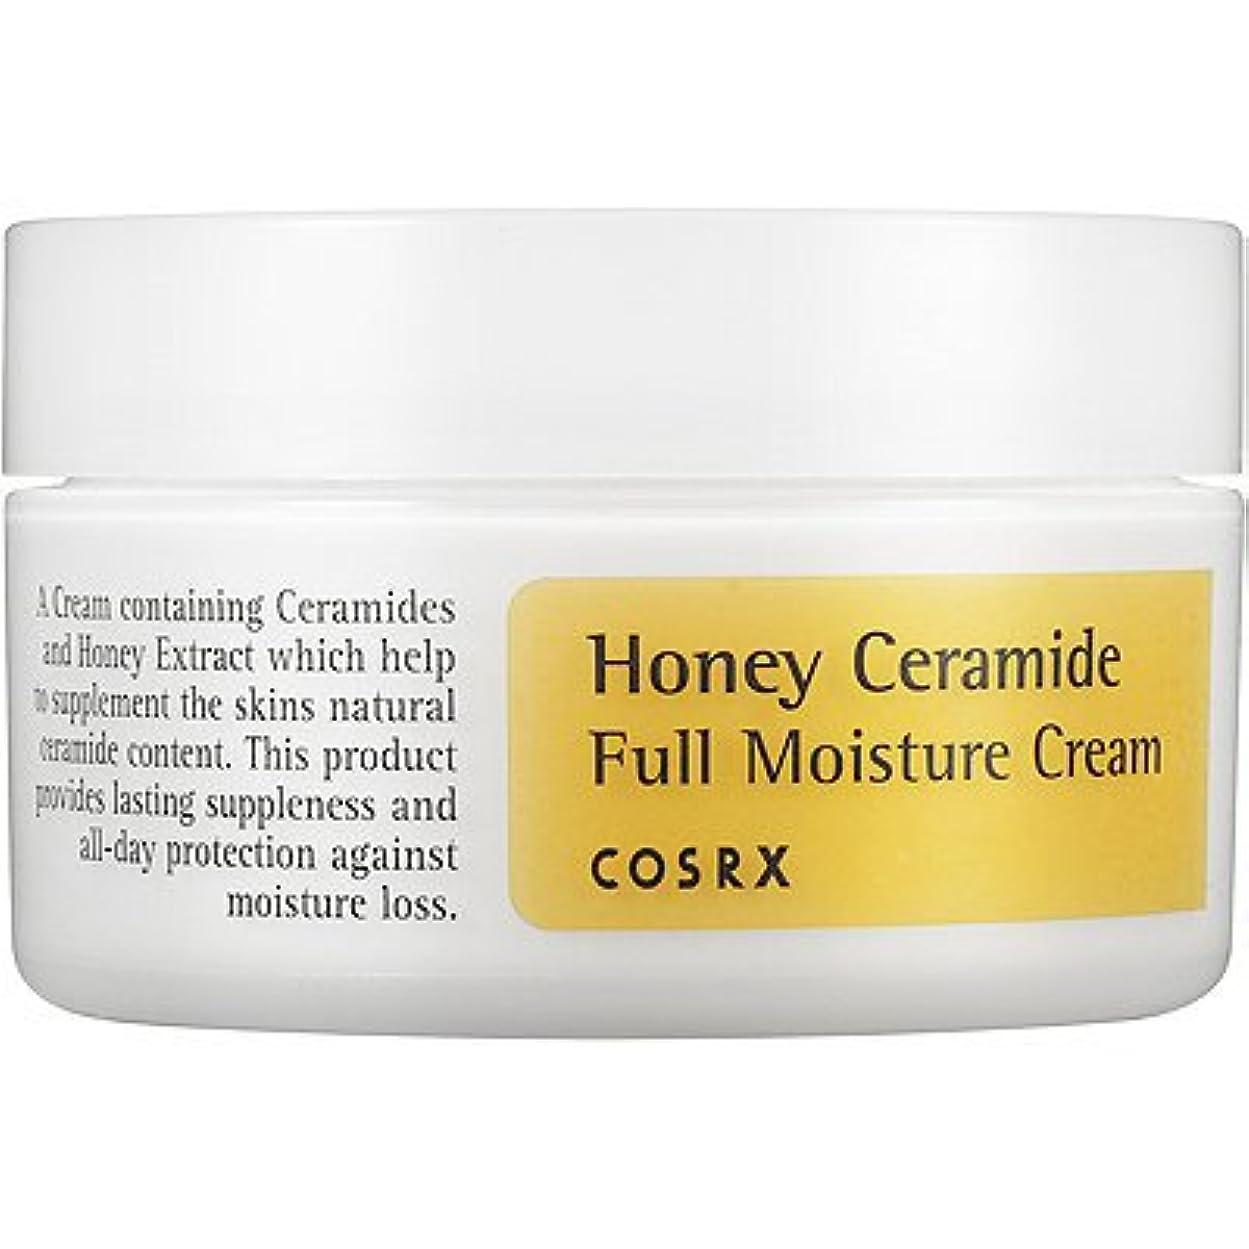 露によると復活するCOSRX Honey Ceramide Full Moisture Cream 50g/ハニーセラミド フル モイスチャークリーム -50g [並行輸入品]